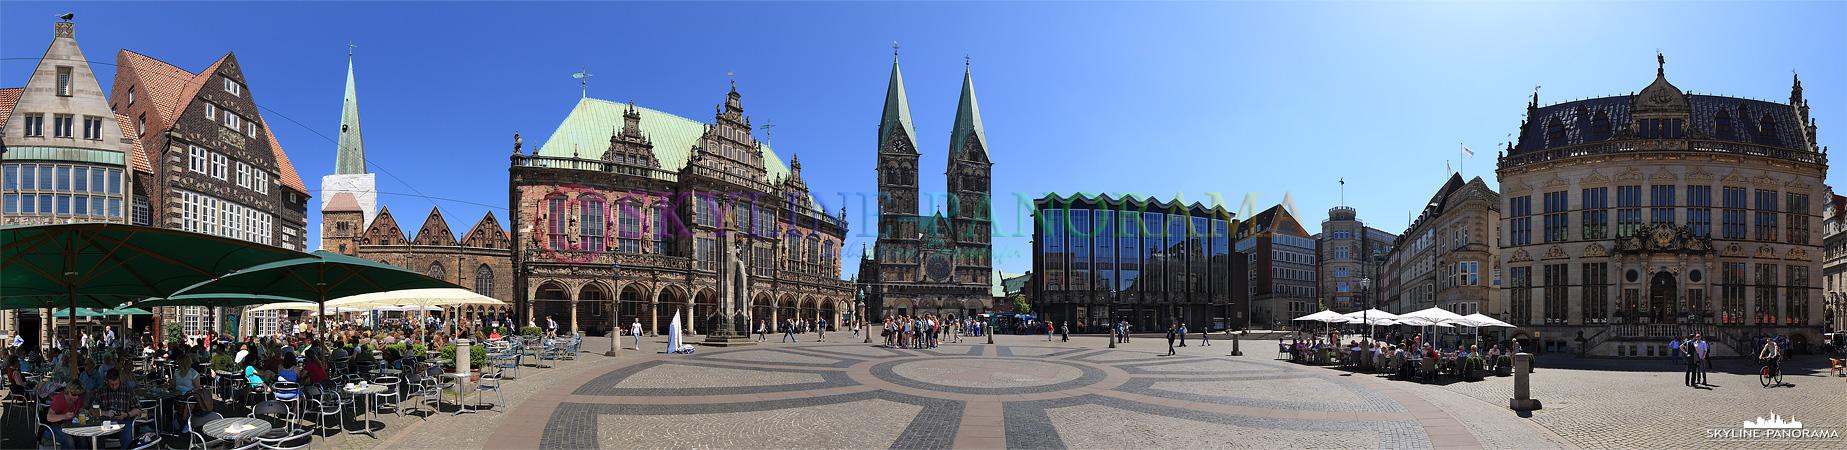 Marktplatz Panorama Bremen